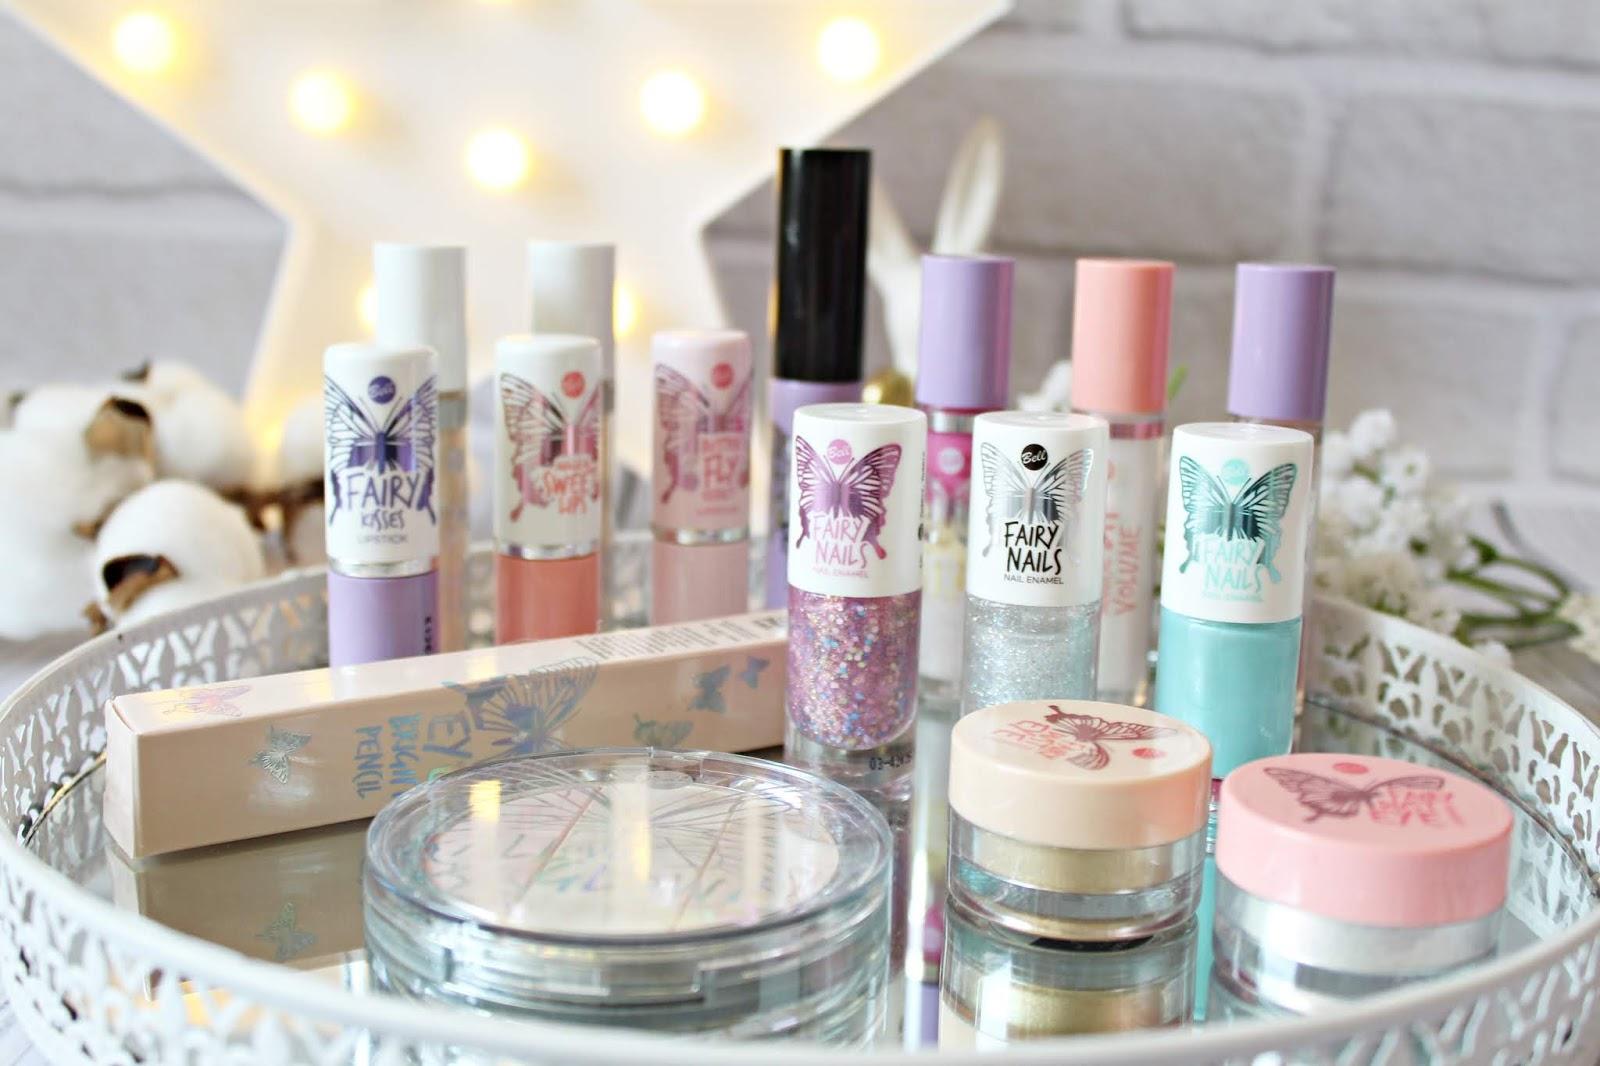 Limitowana seria kosmetyków BELL - FAIRY TALE - prezentacja kolekcji